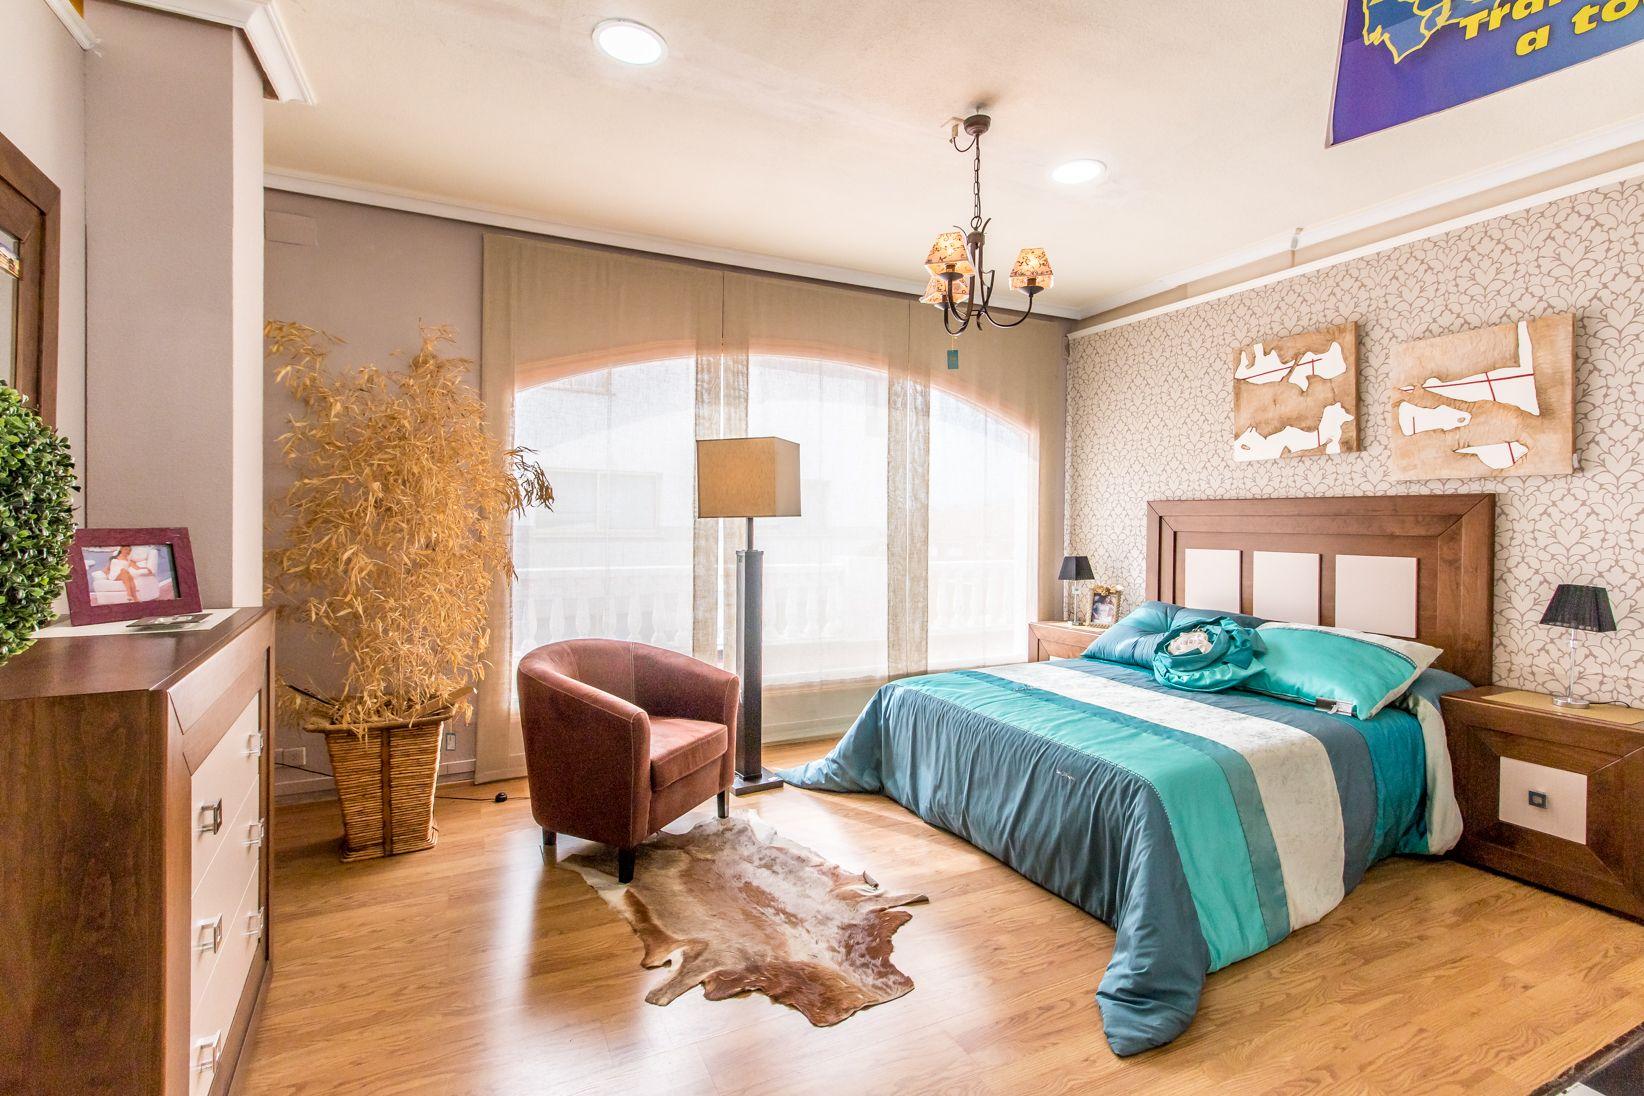 En Muebles Vilu tenemos el dormitorio perfecto para ti